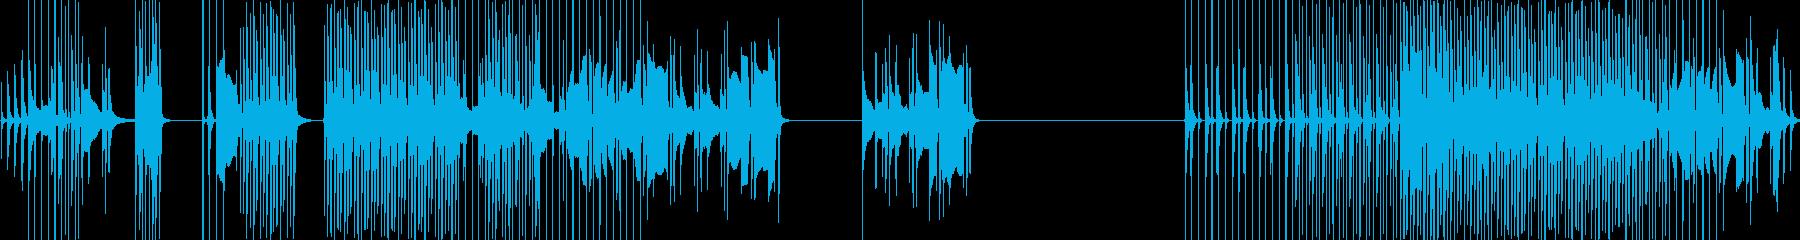 ラップ、Tensive ..の再生済みの波形